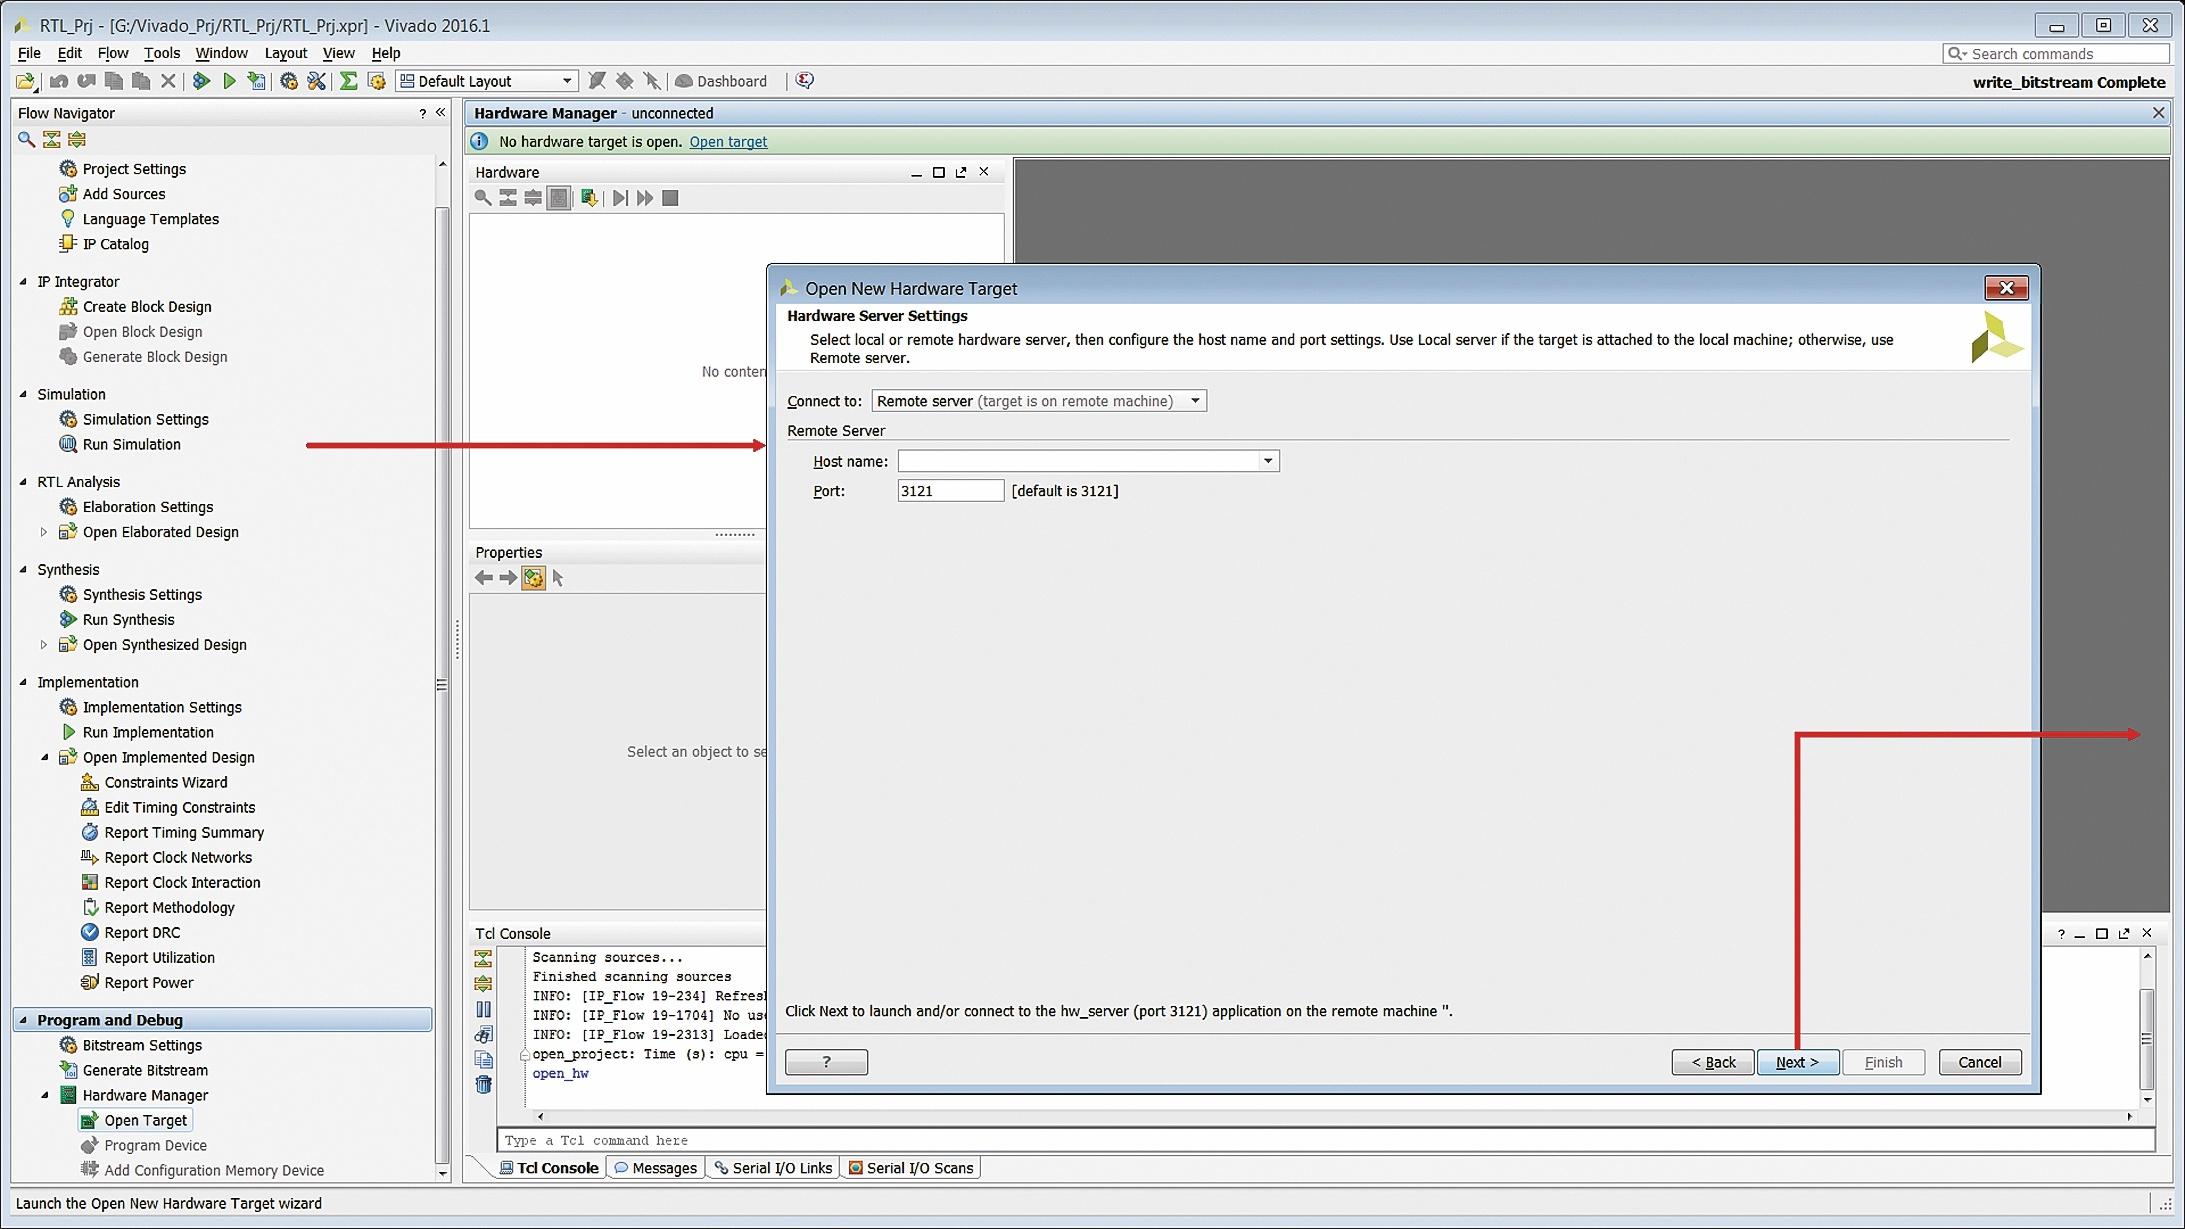 Определение основных параметров удаленного сервера для подключения инструментальных средств загрузки конфигурационной последовательности